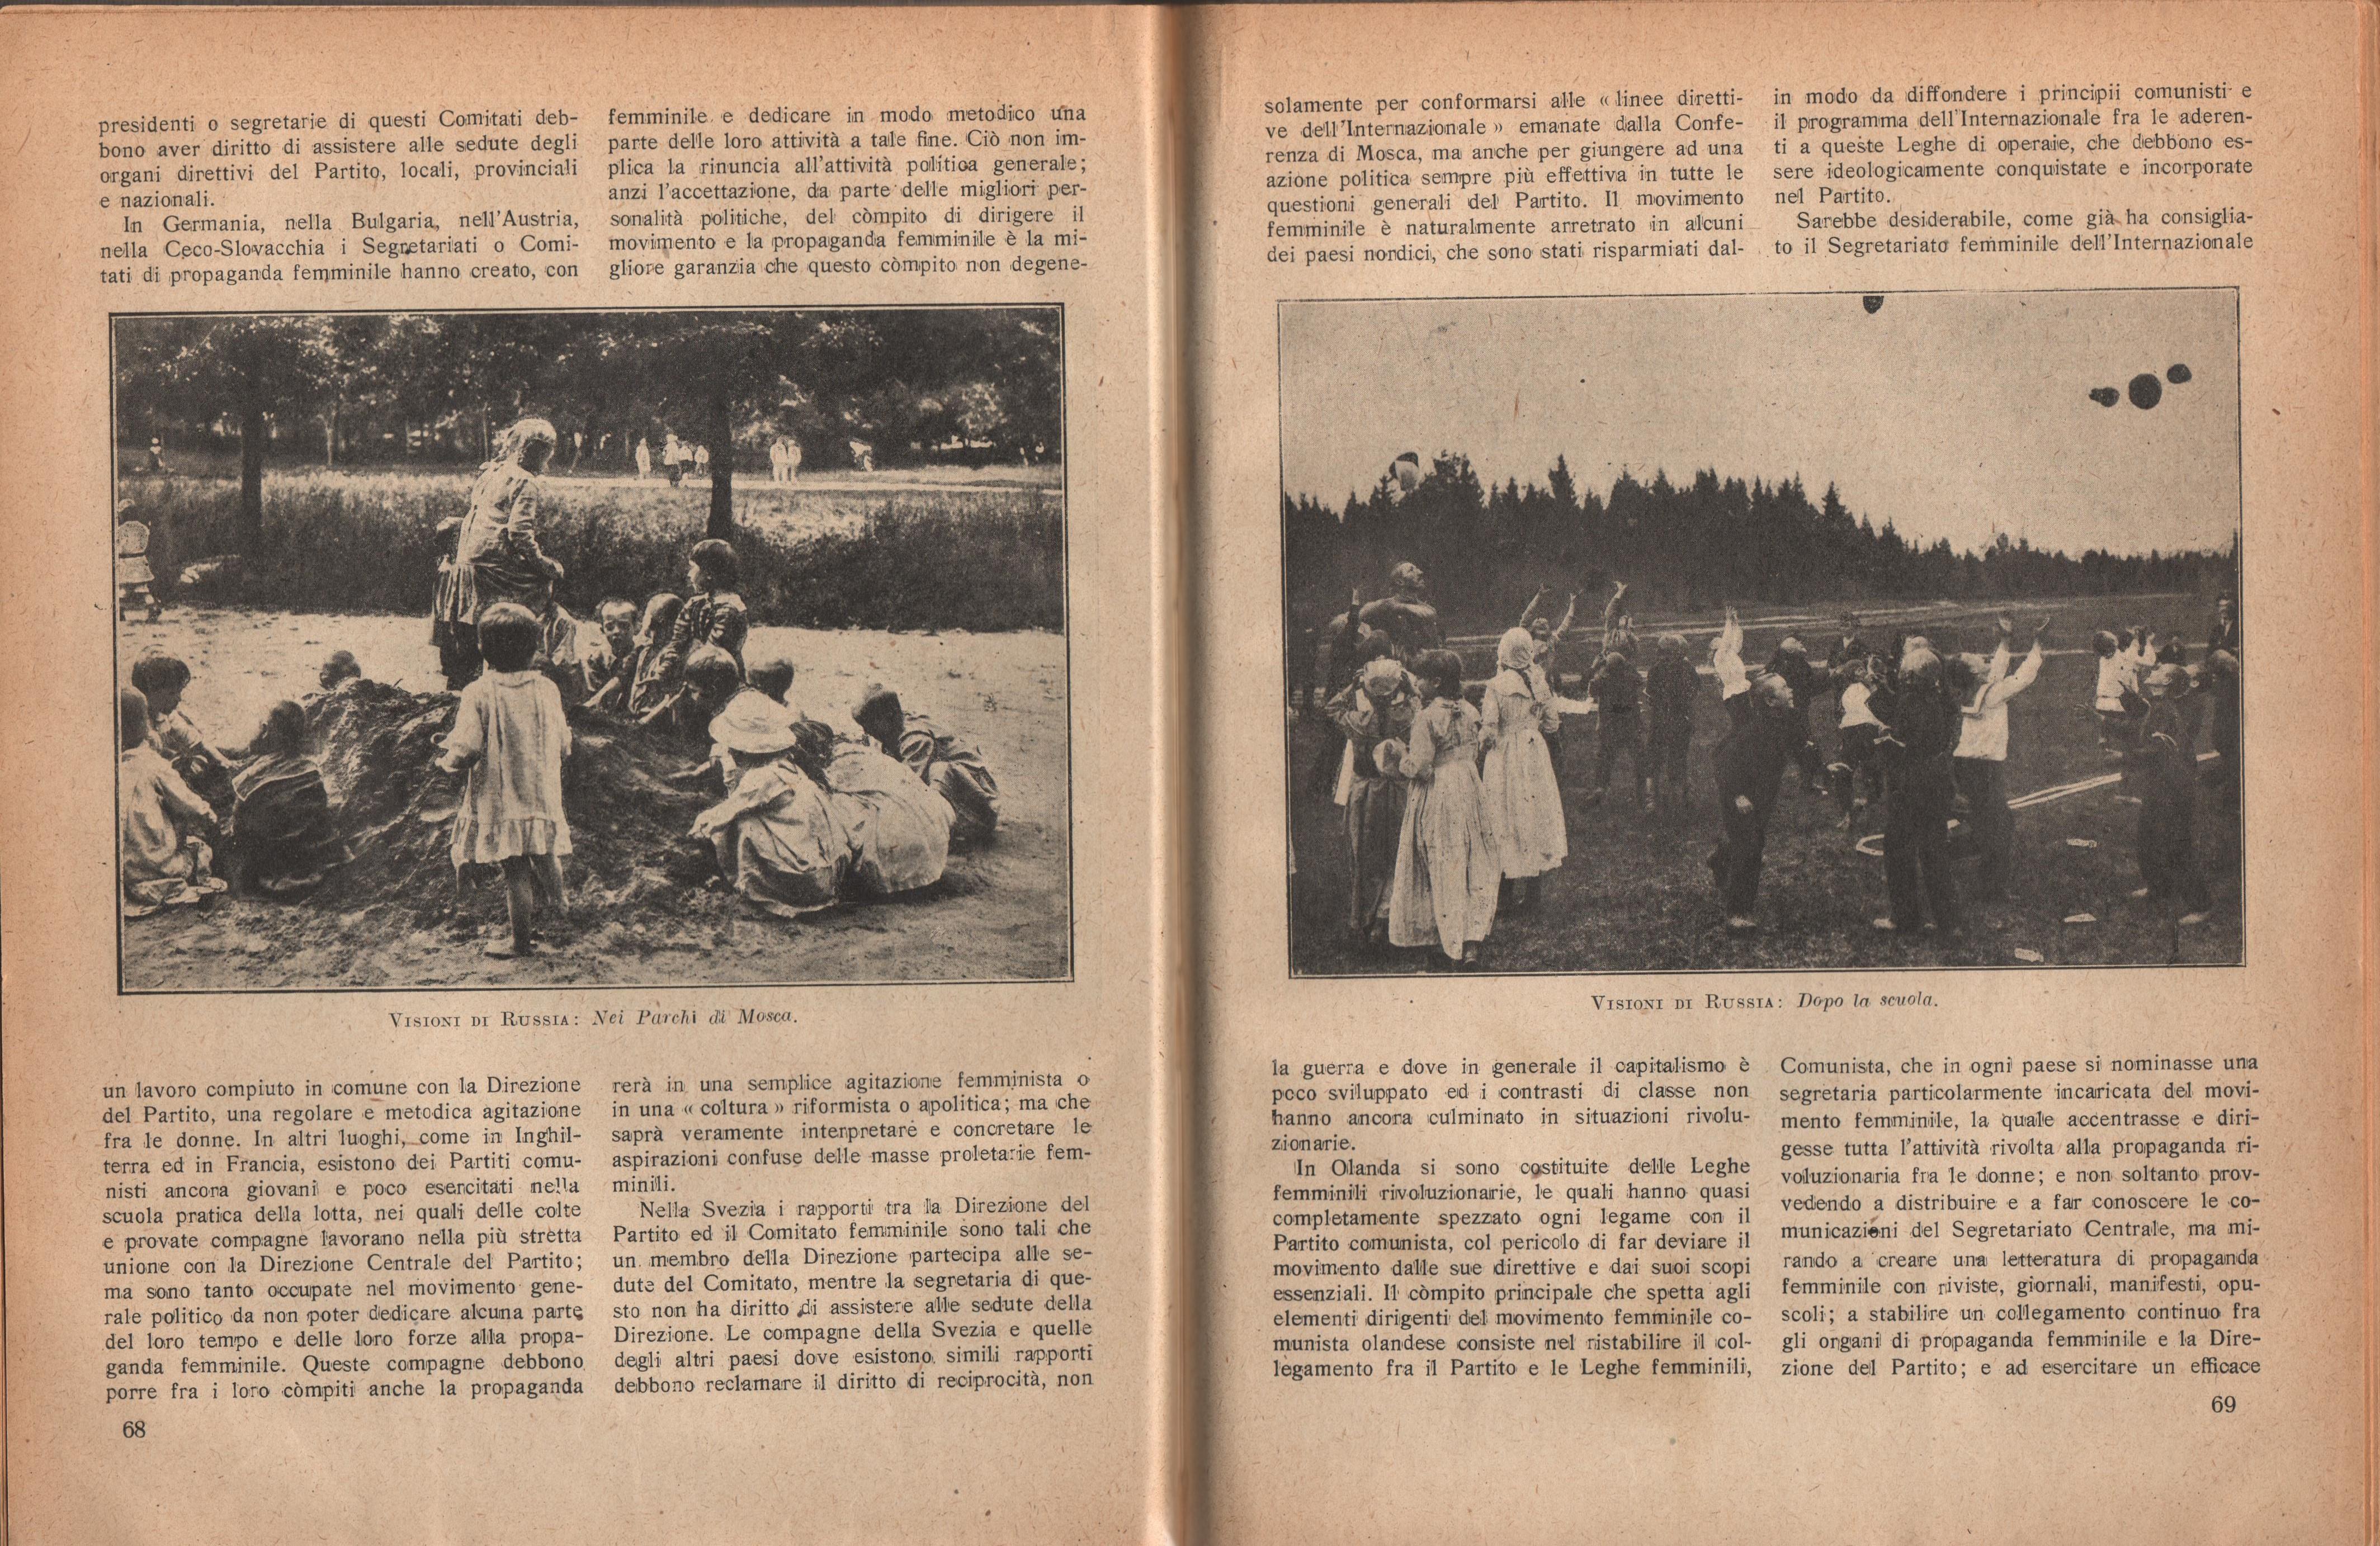 Almanacco comunista 1922 - pag. 42